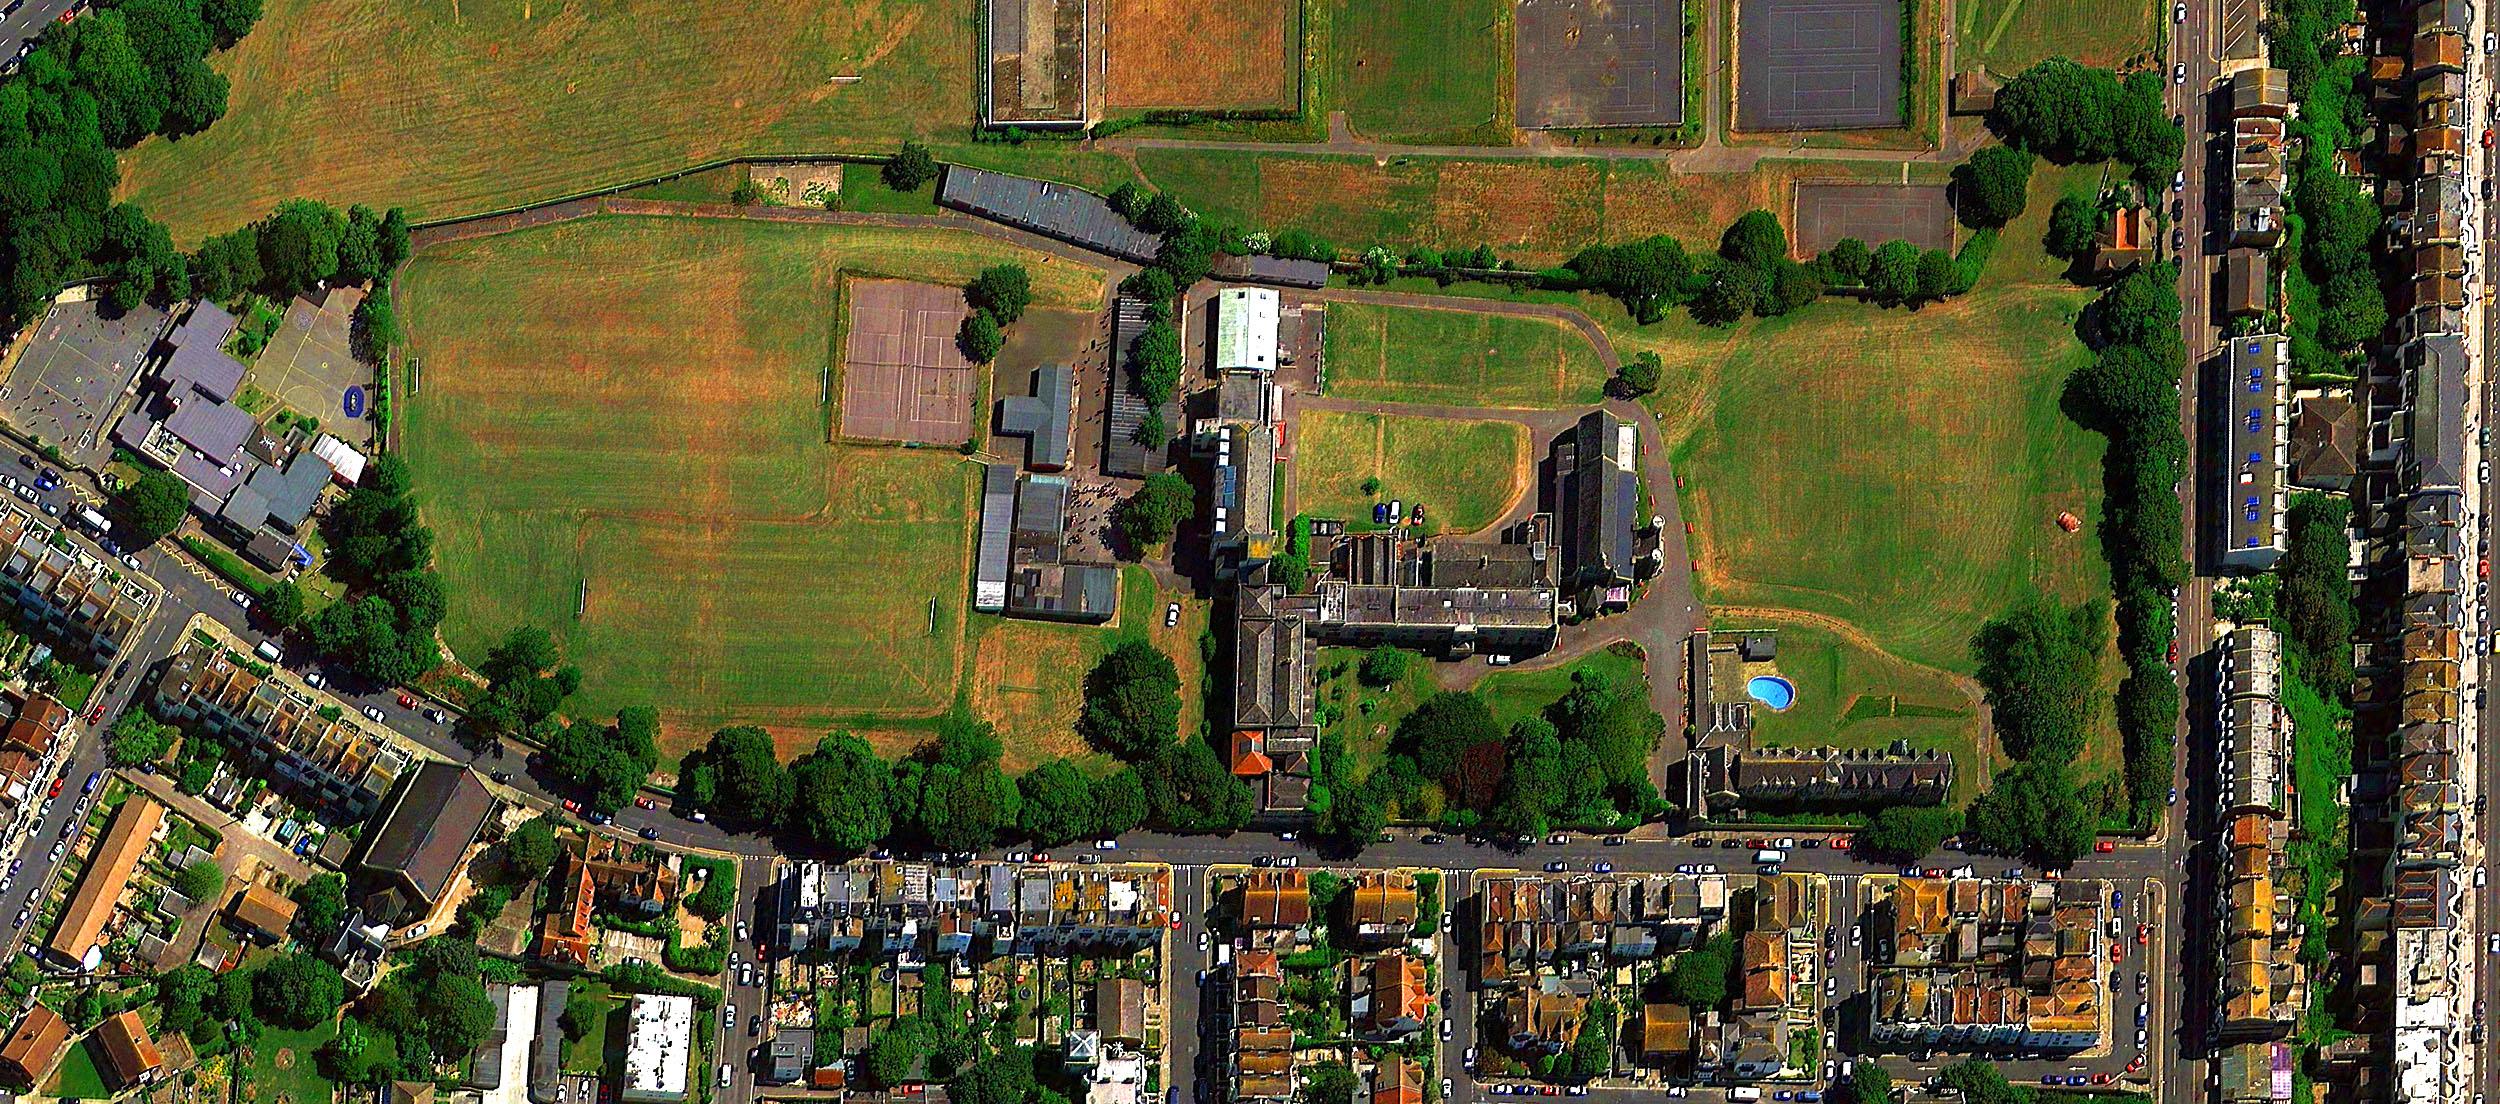 Vista aérea de las instalaciones